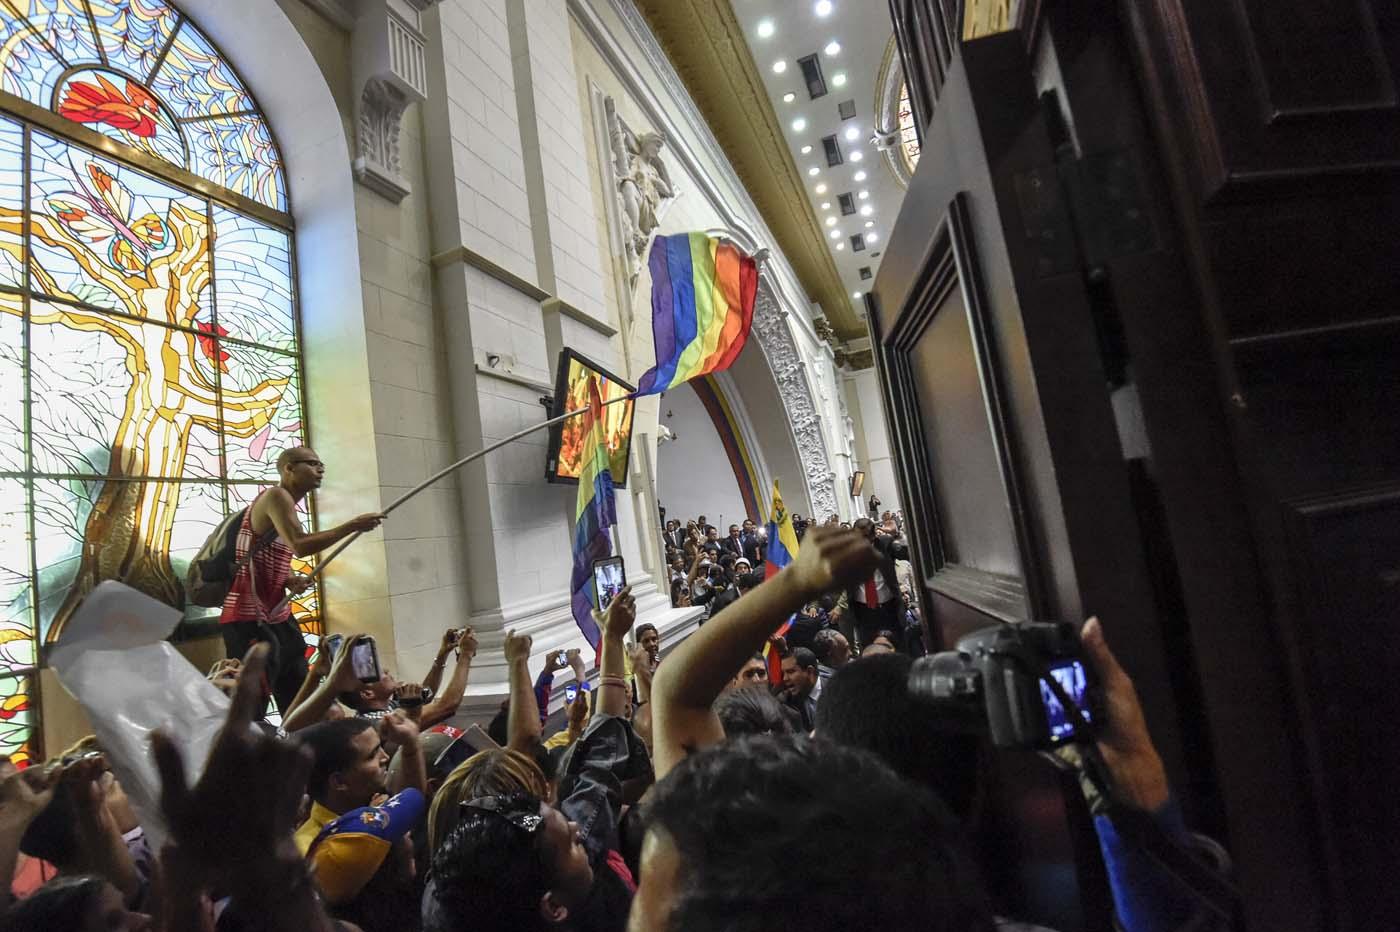 Gobierno de Nicolas Maduro. - Página 18 000_HF3QP